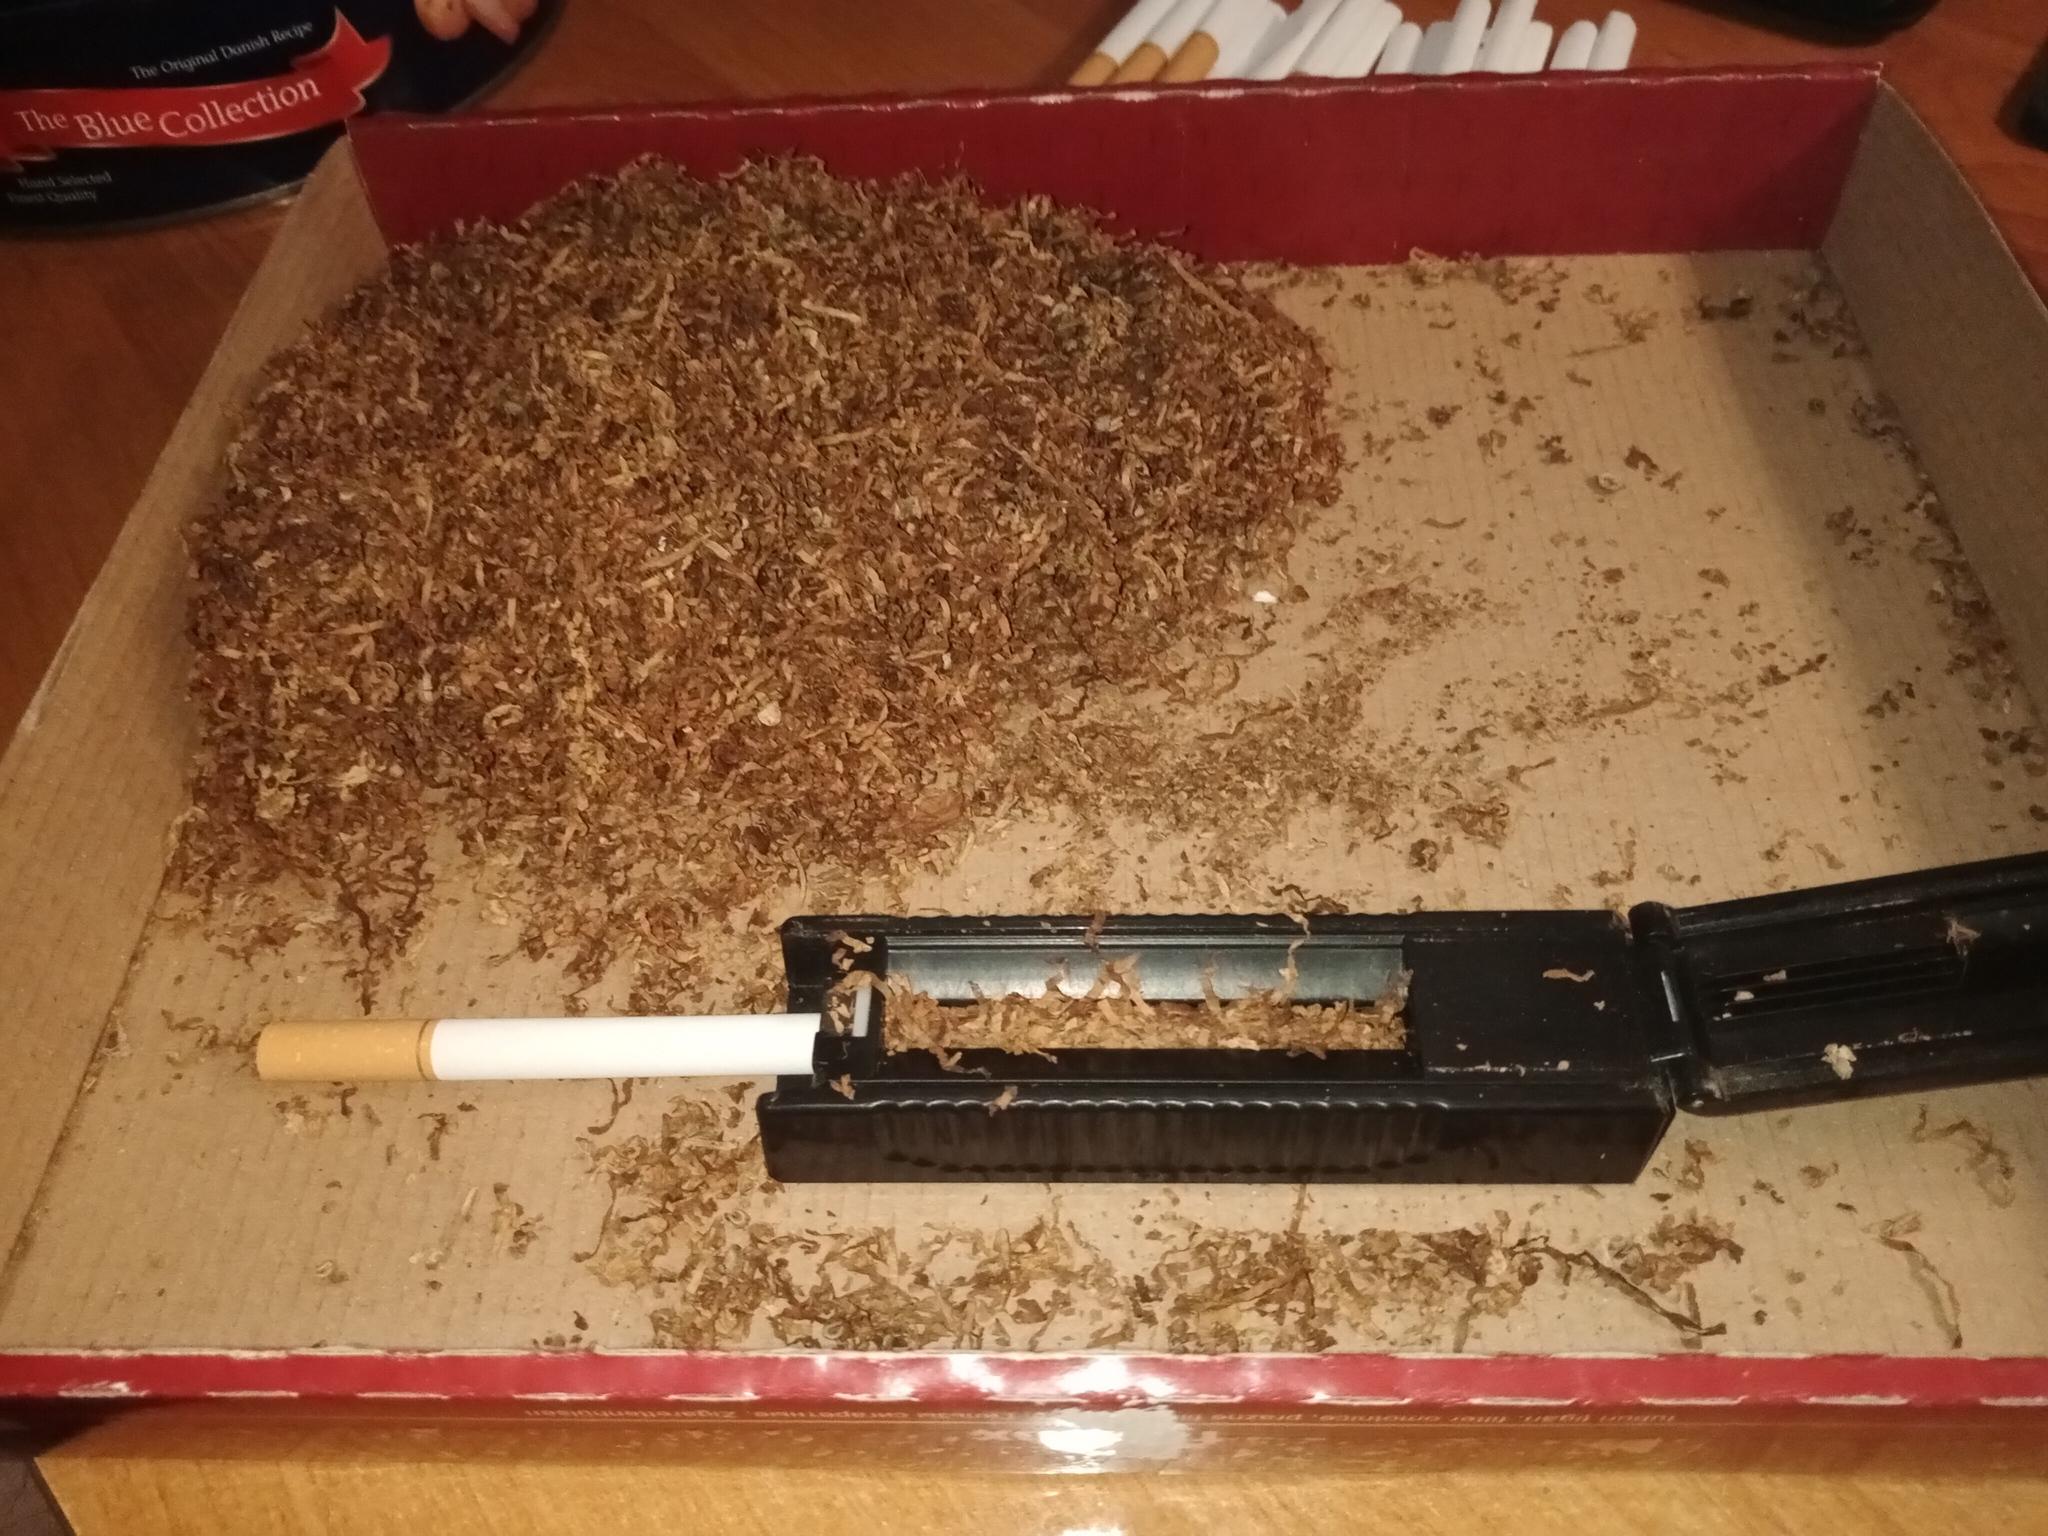 Можно купить сигареты в пост купить табак в томске на развес для сигарет